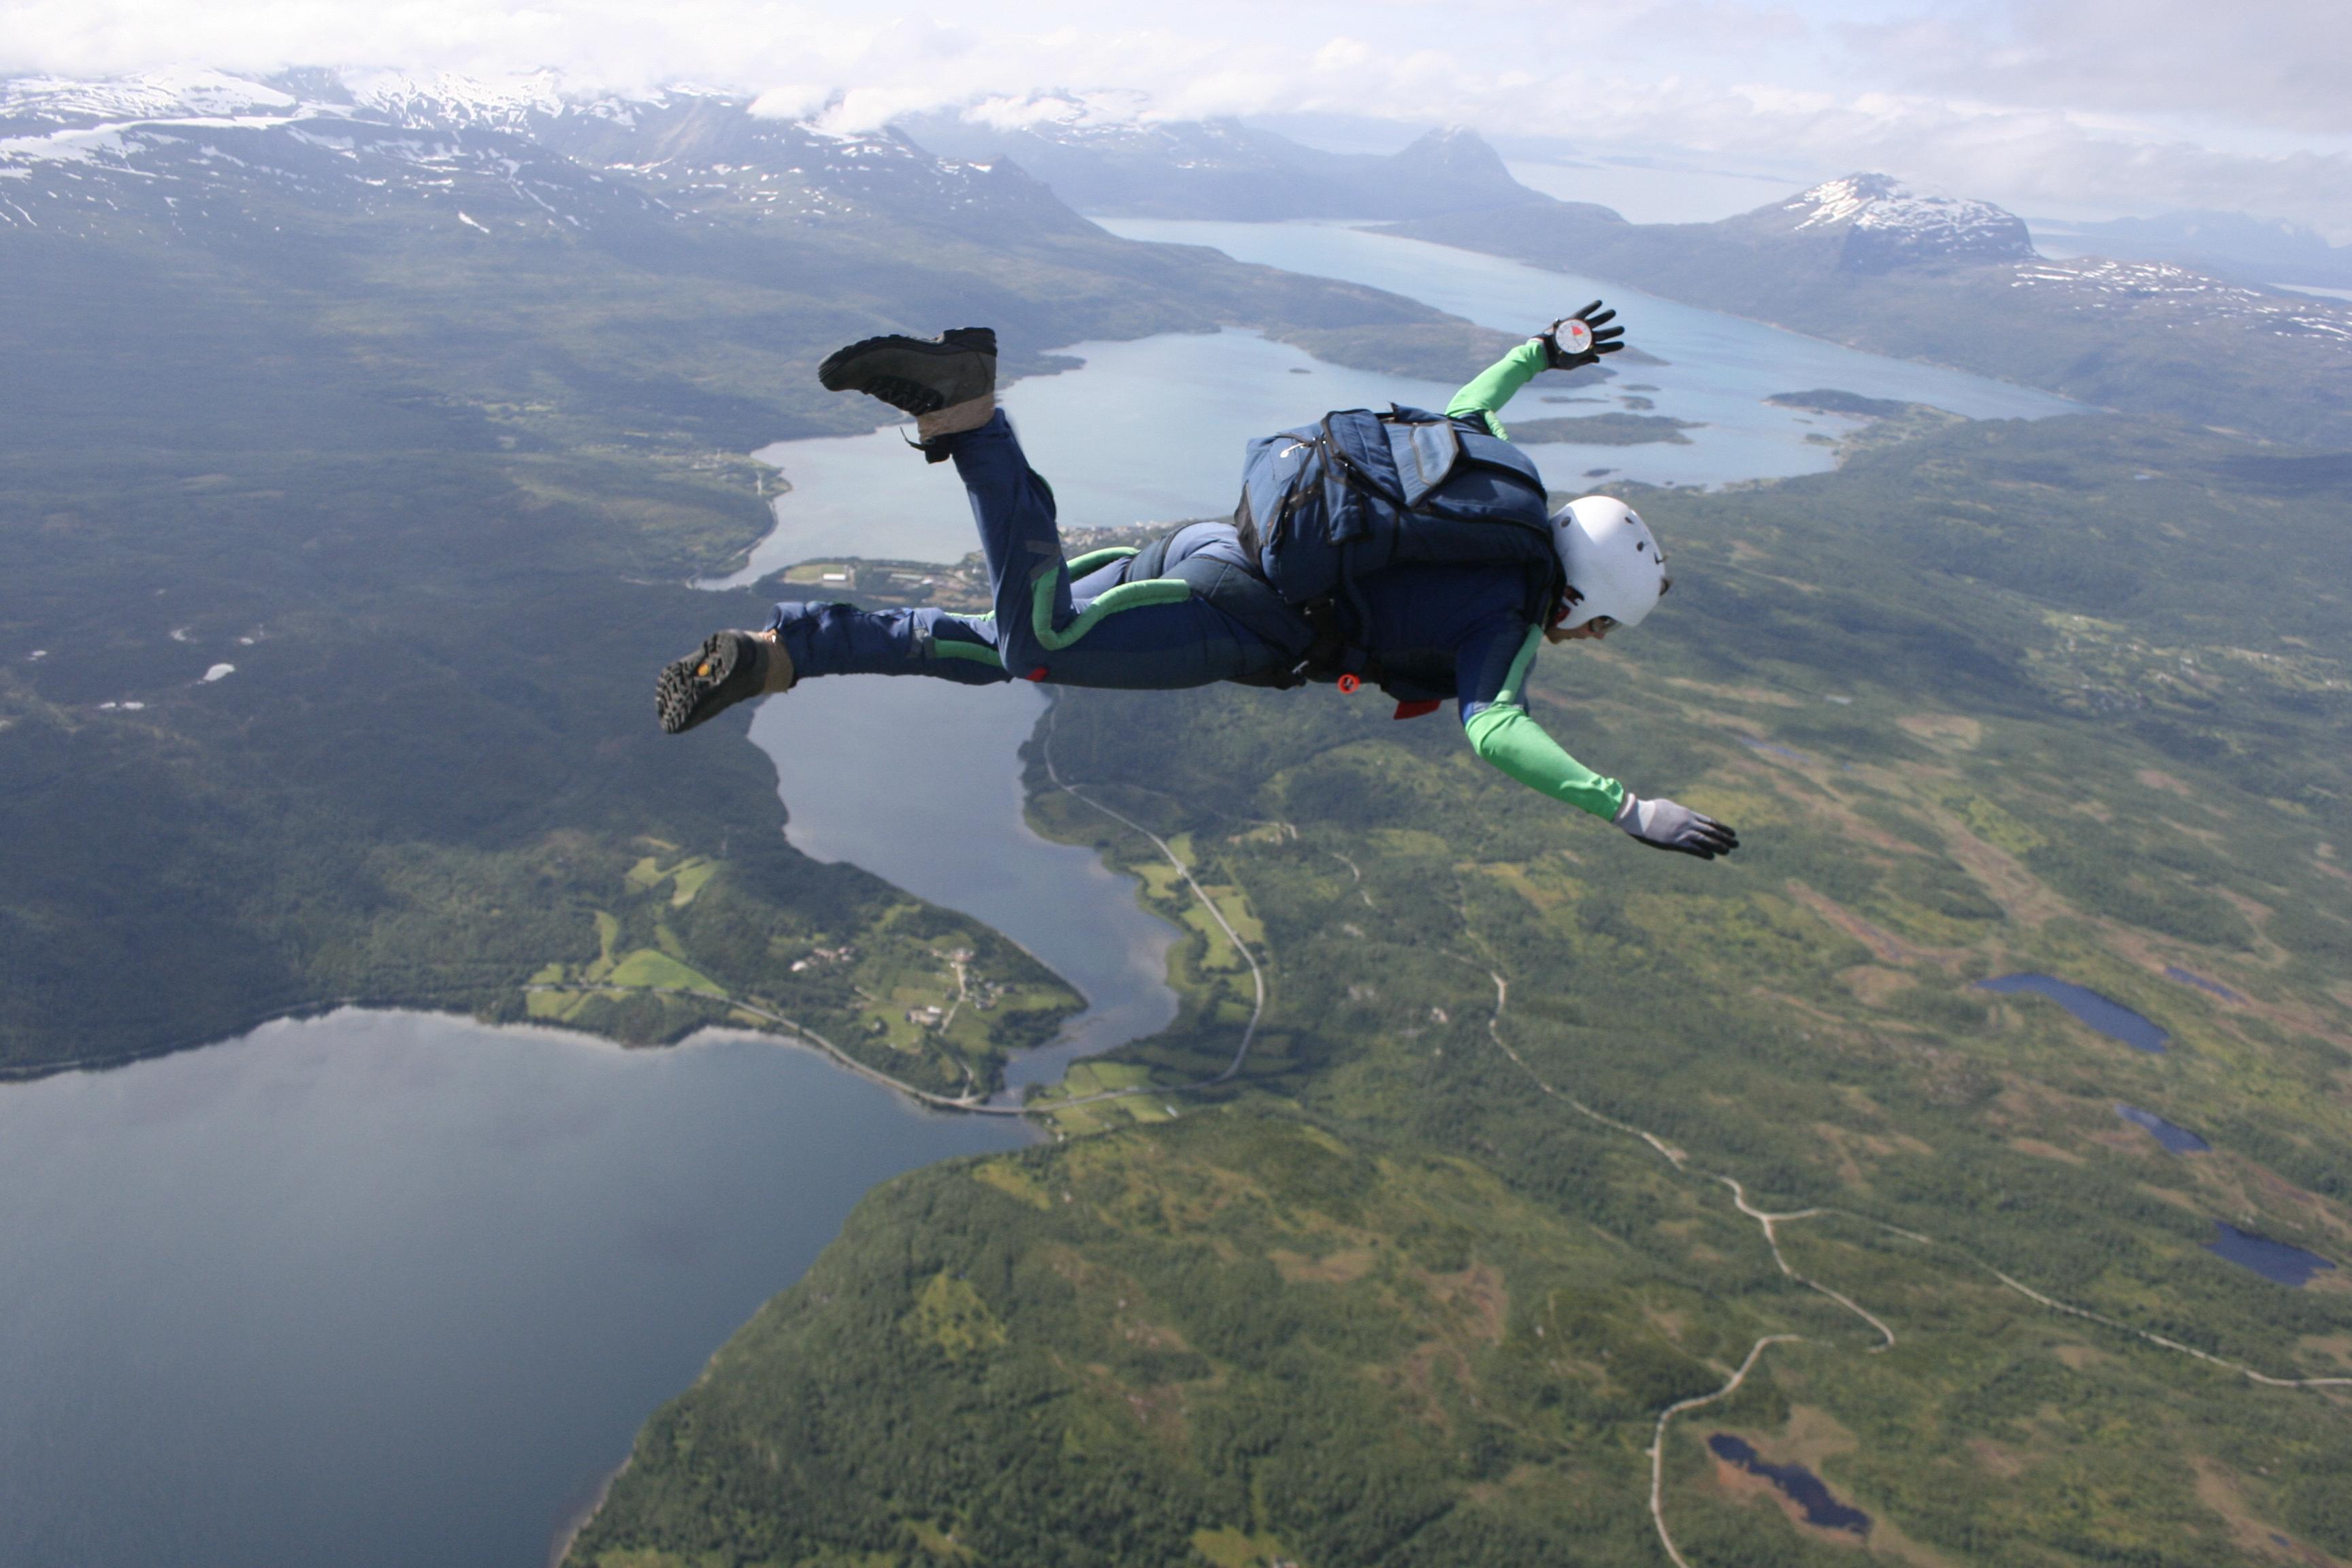 Vil du bli fallskjermhopper?